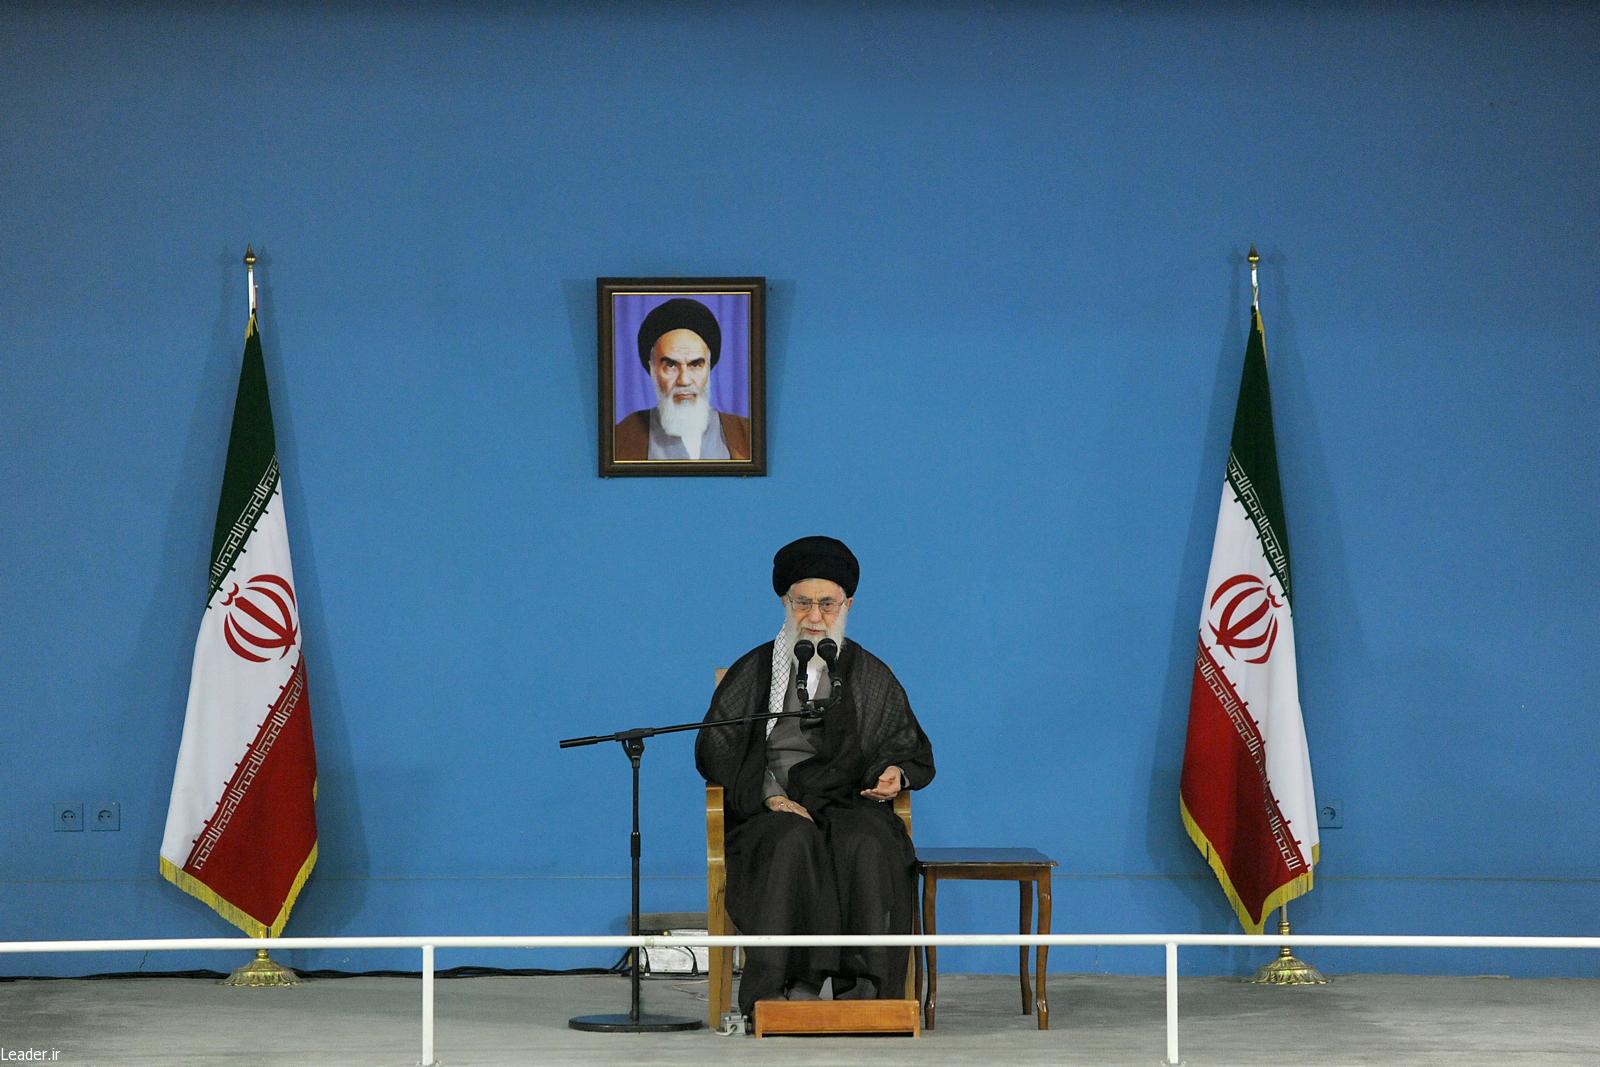 رژیم صهیونیستی 25 سال آینده را نخواهد دید/ در عرصههای دیگر اجازه مذاکره با آمریکا ندادیم